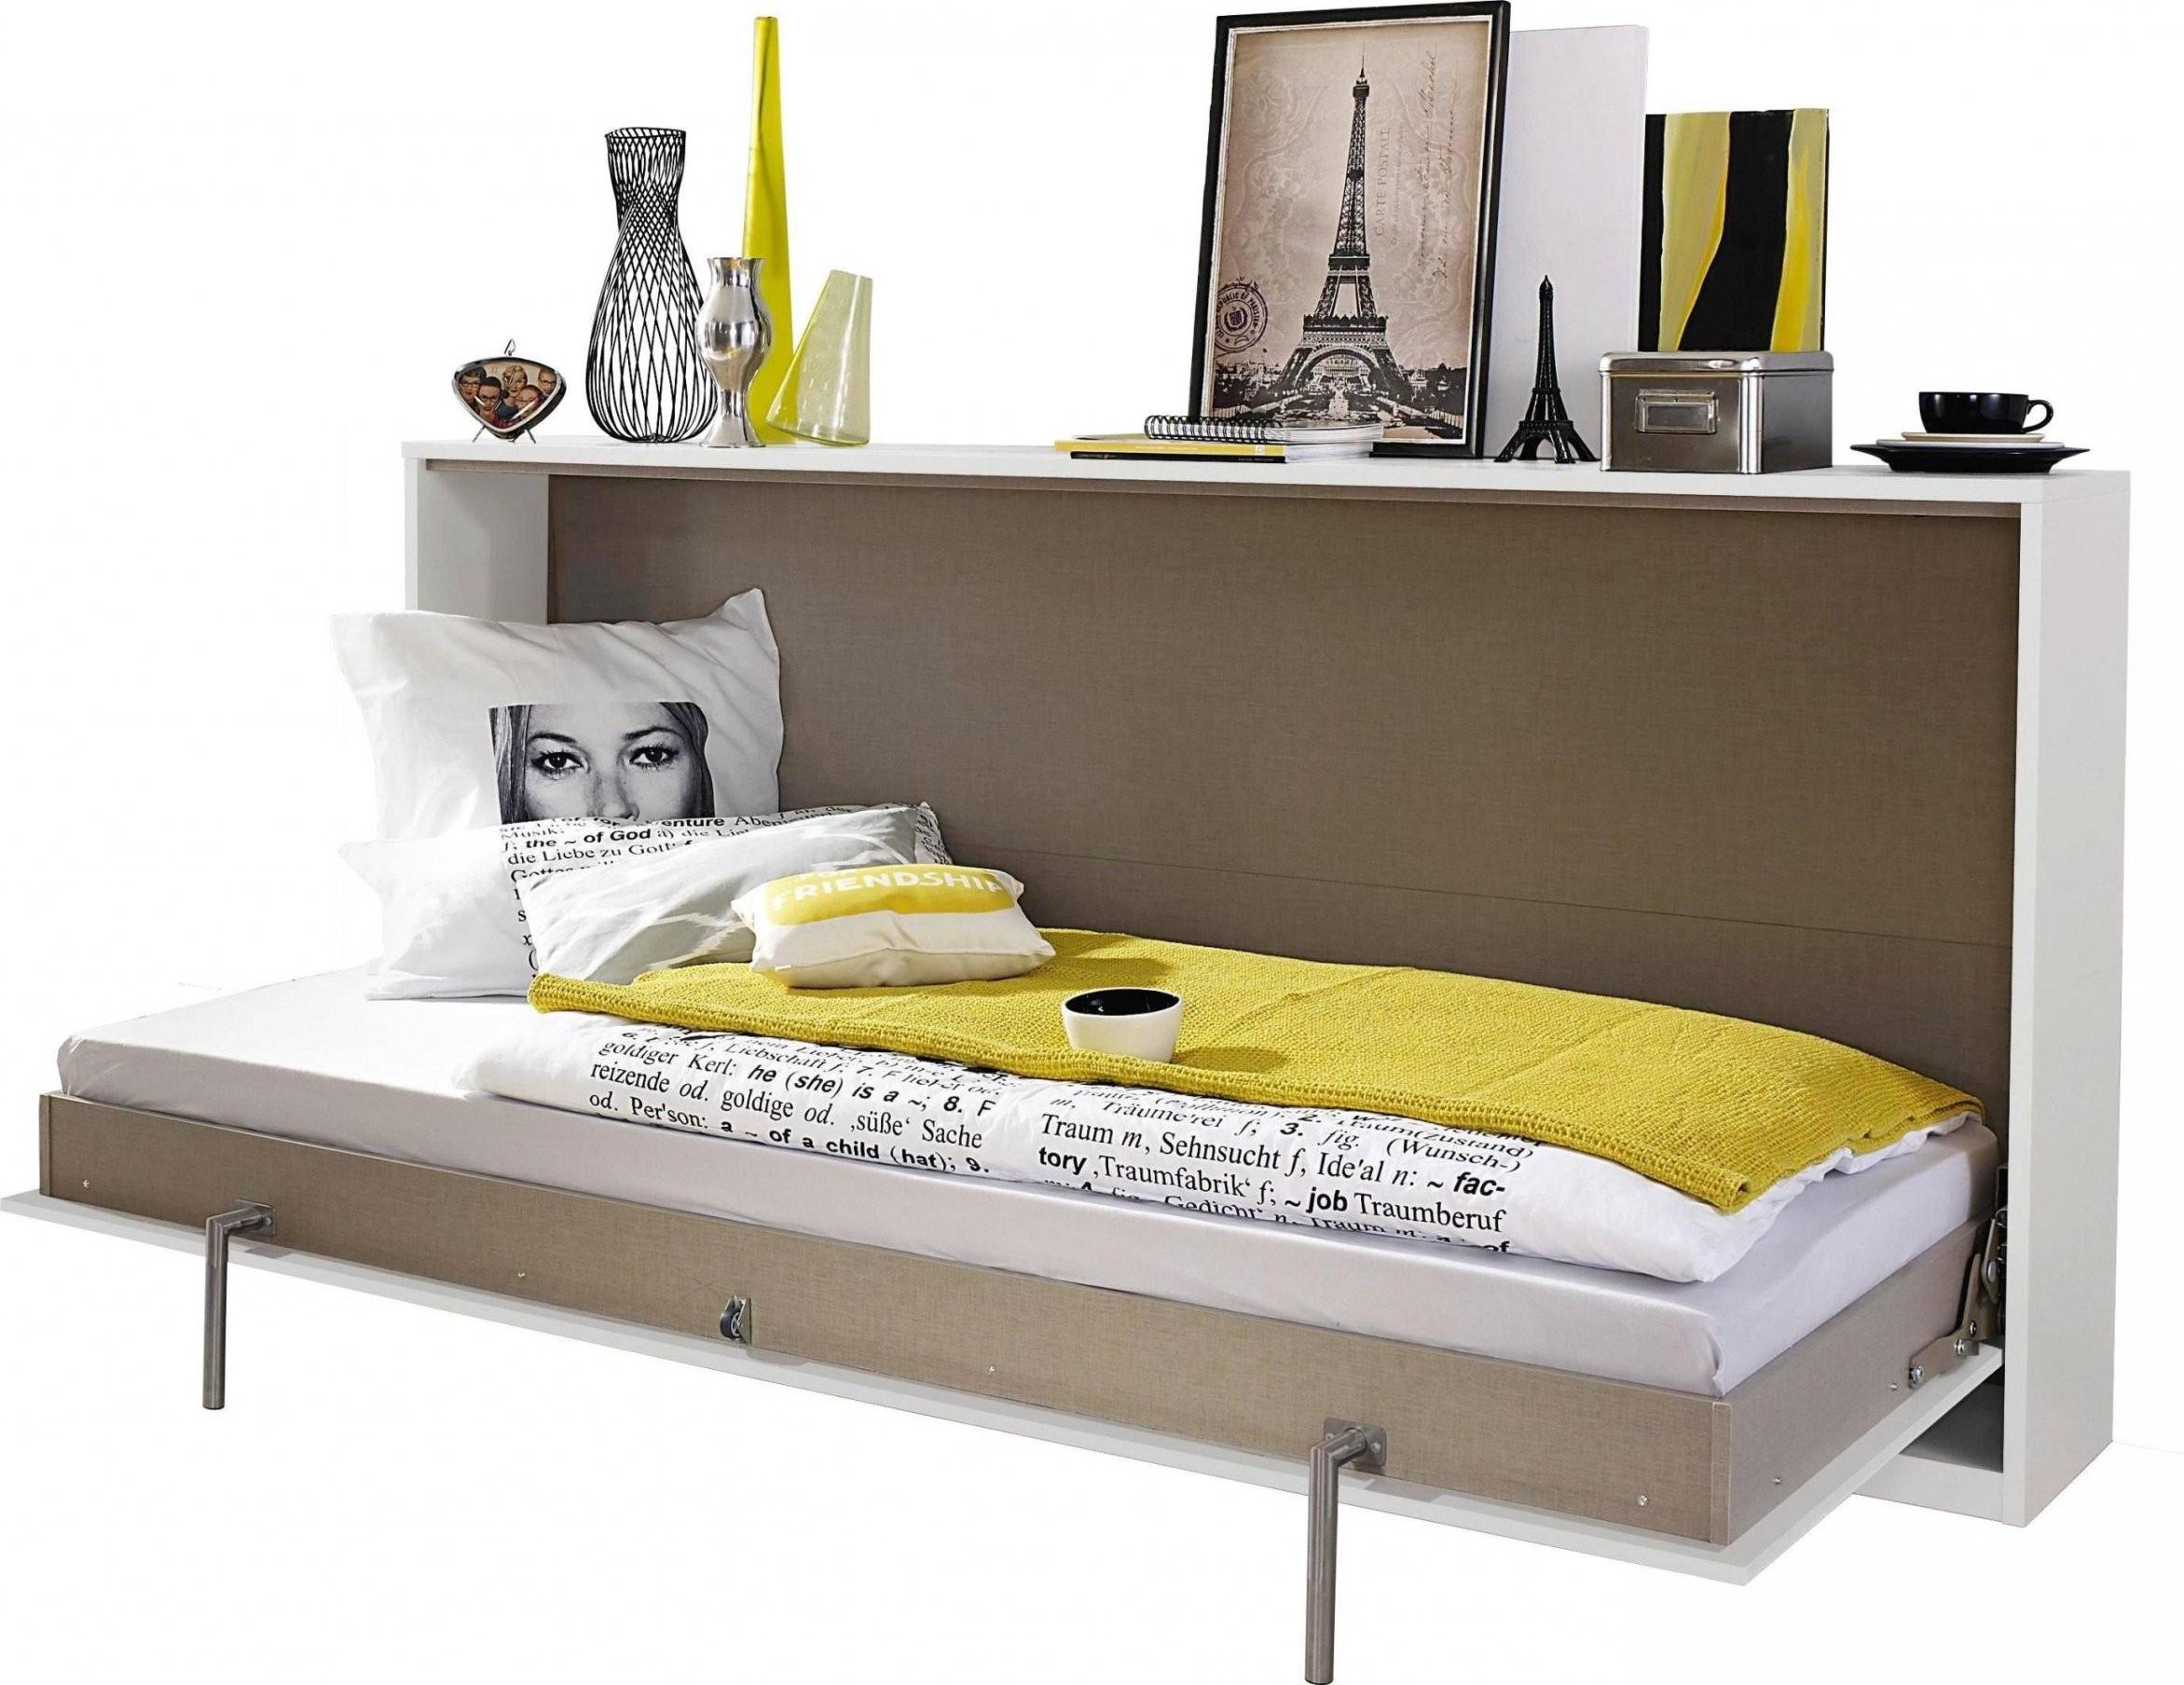 Europaletten Bett Kaufen Beste Europaletten Bett 160×200 Einzigartig von Europaletten Bett 160X200 Bild